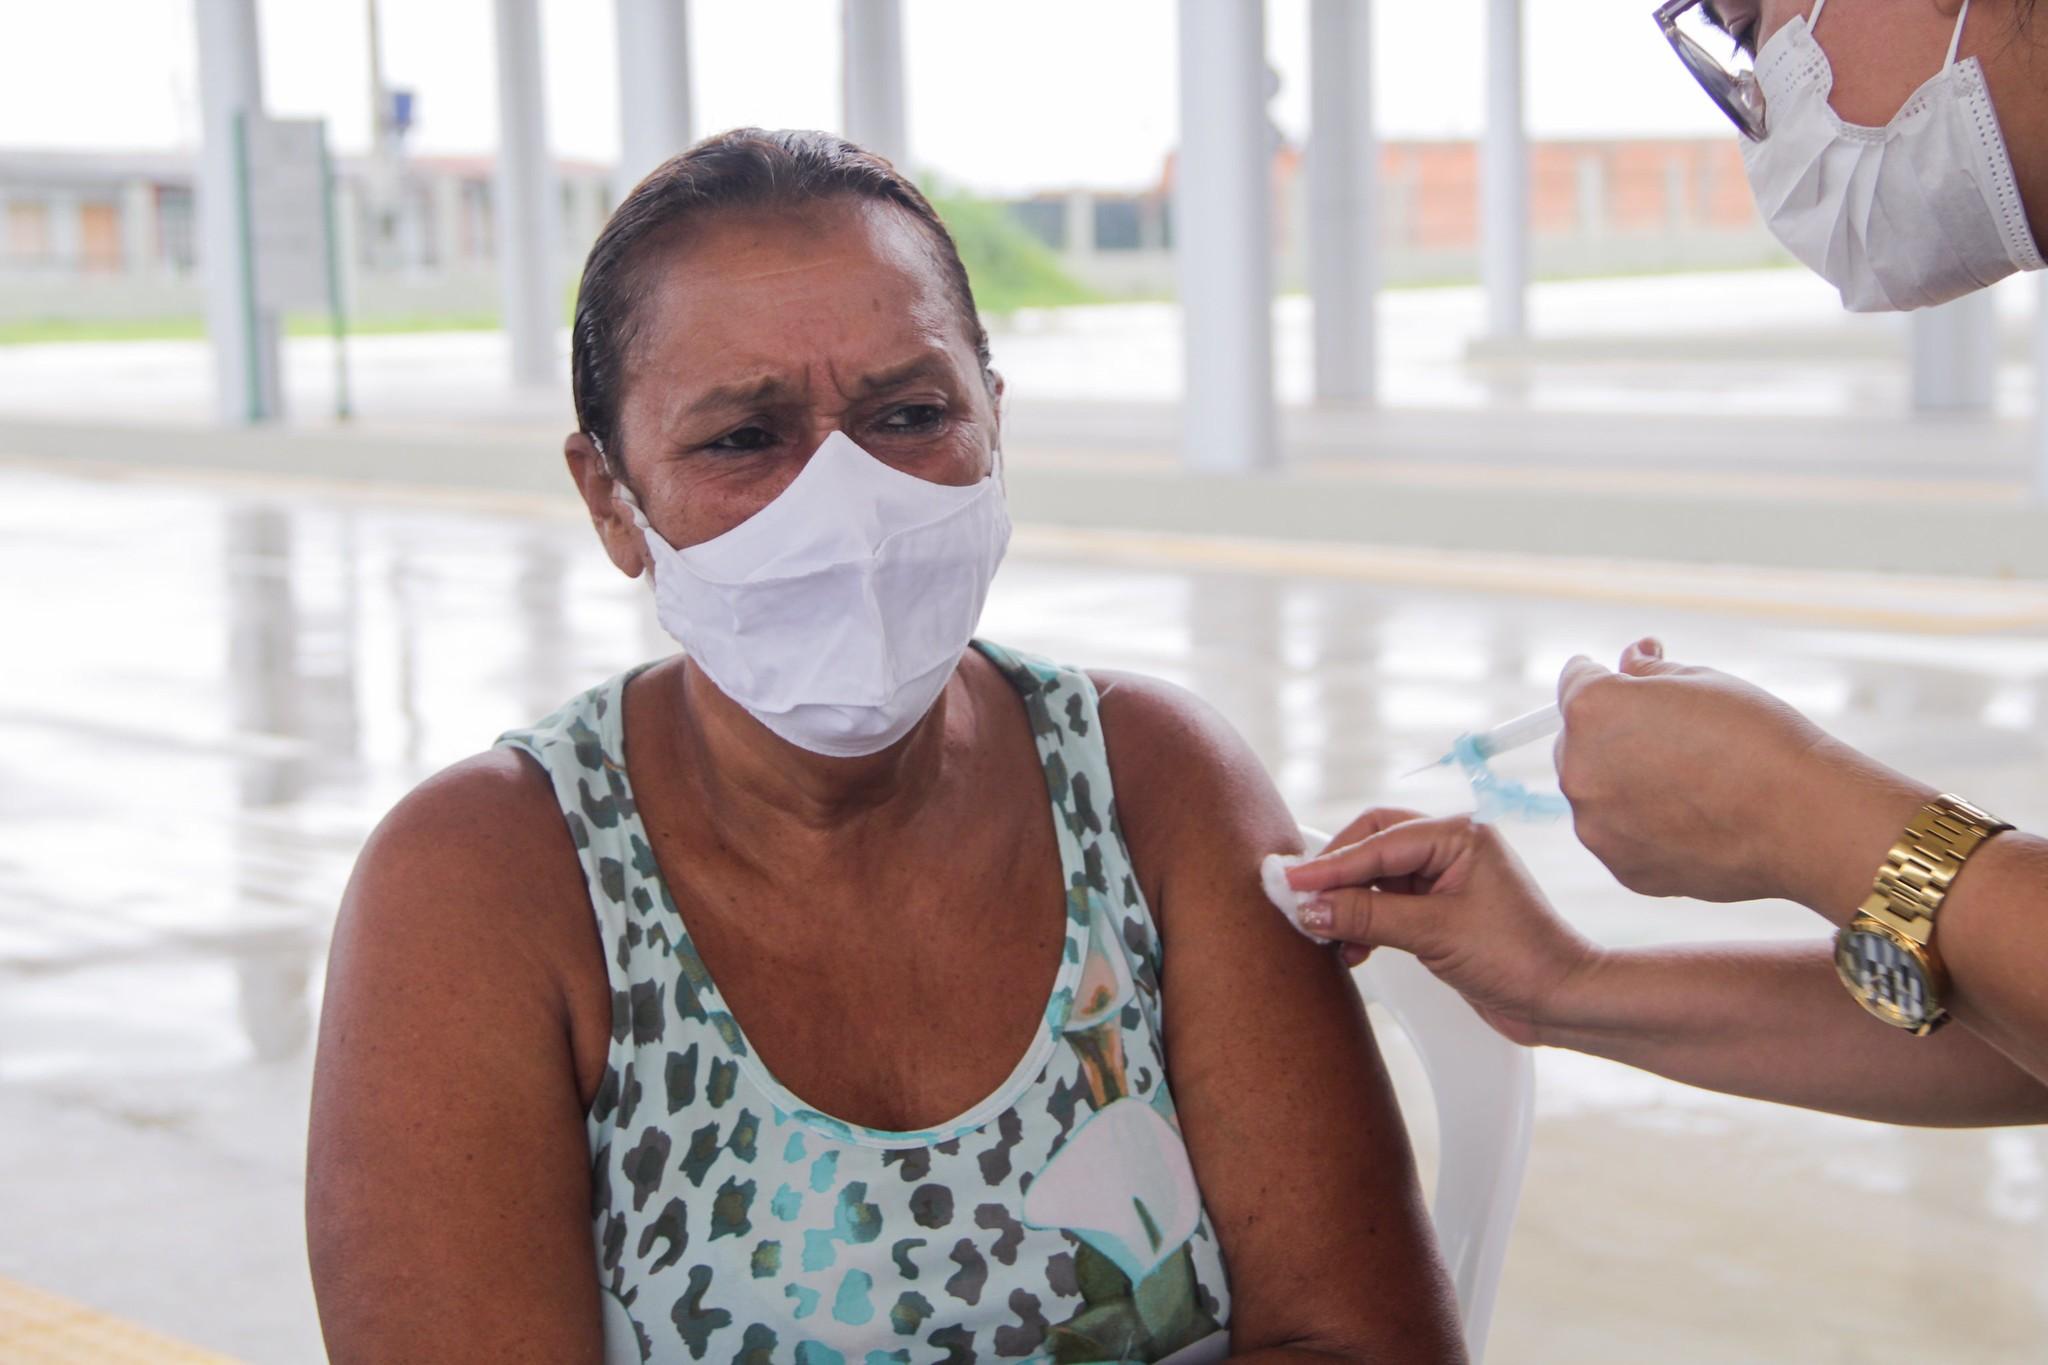 Ponto de vacinação contra Covid na Zona Norte de Manaus será alterado a partir desta segunda (10)